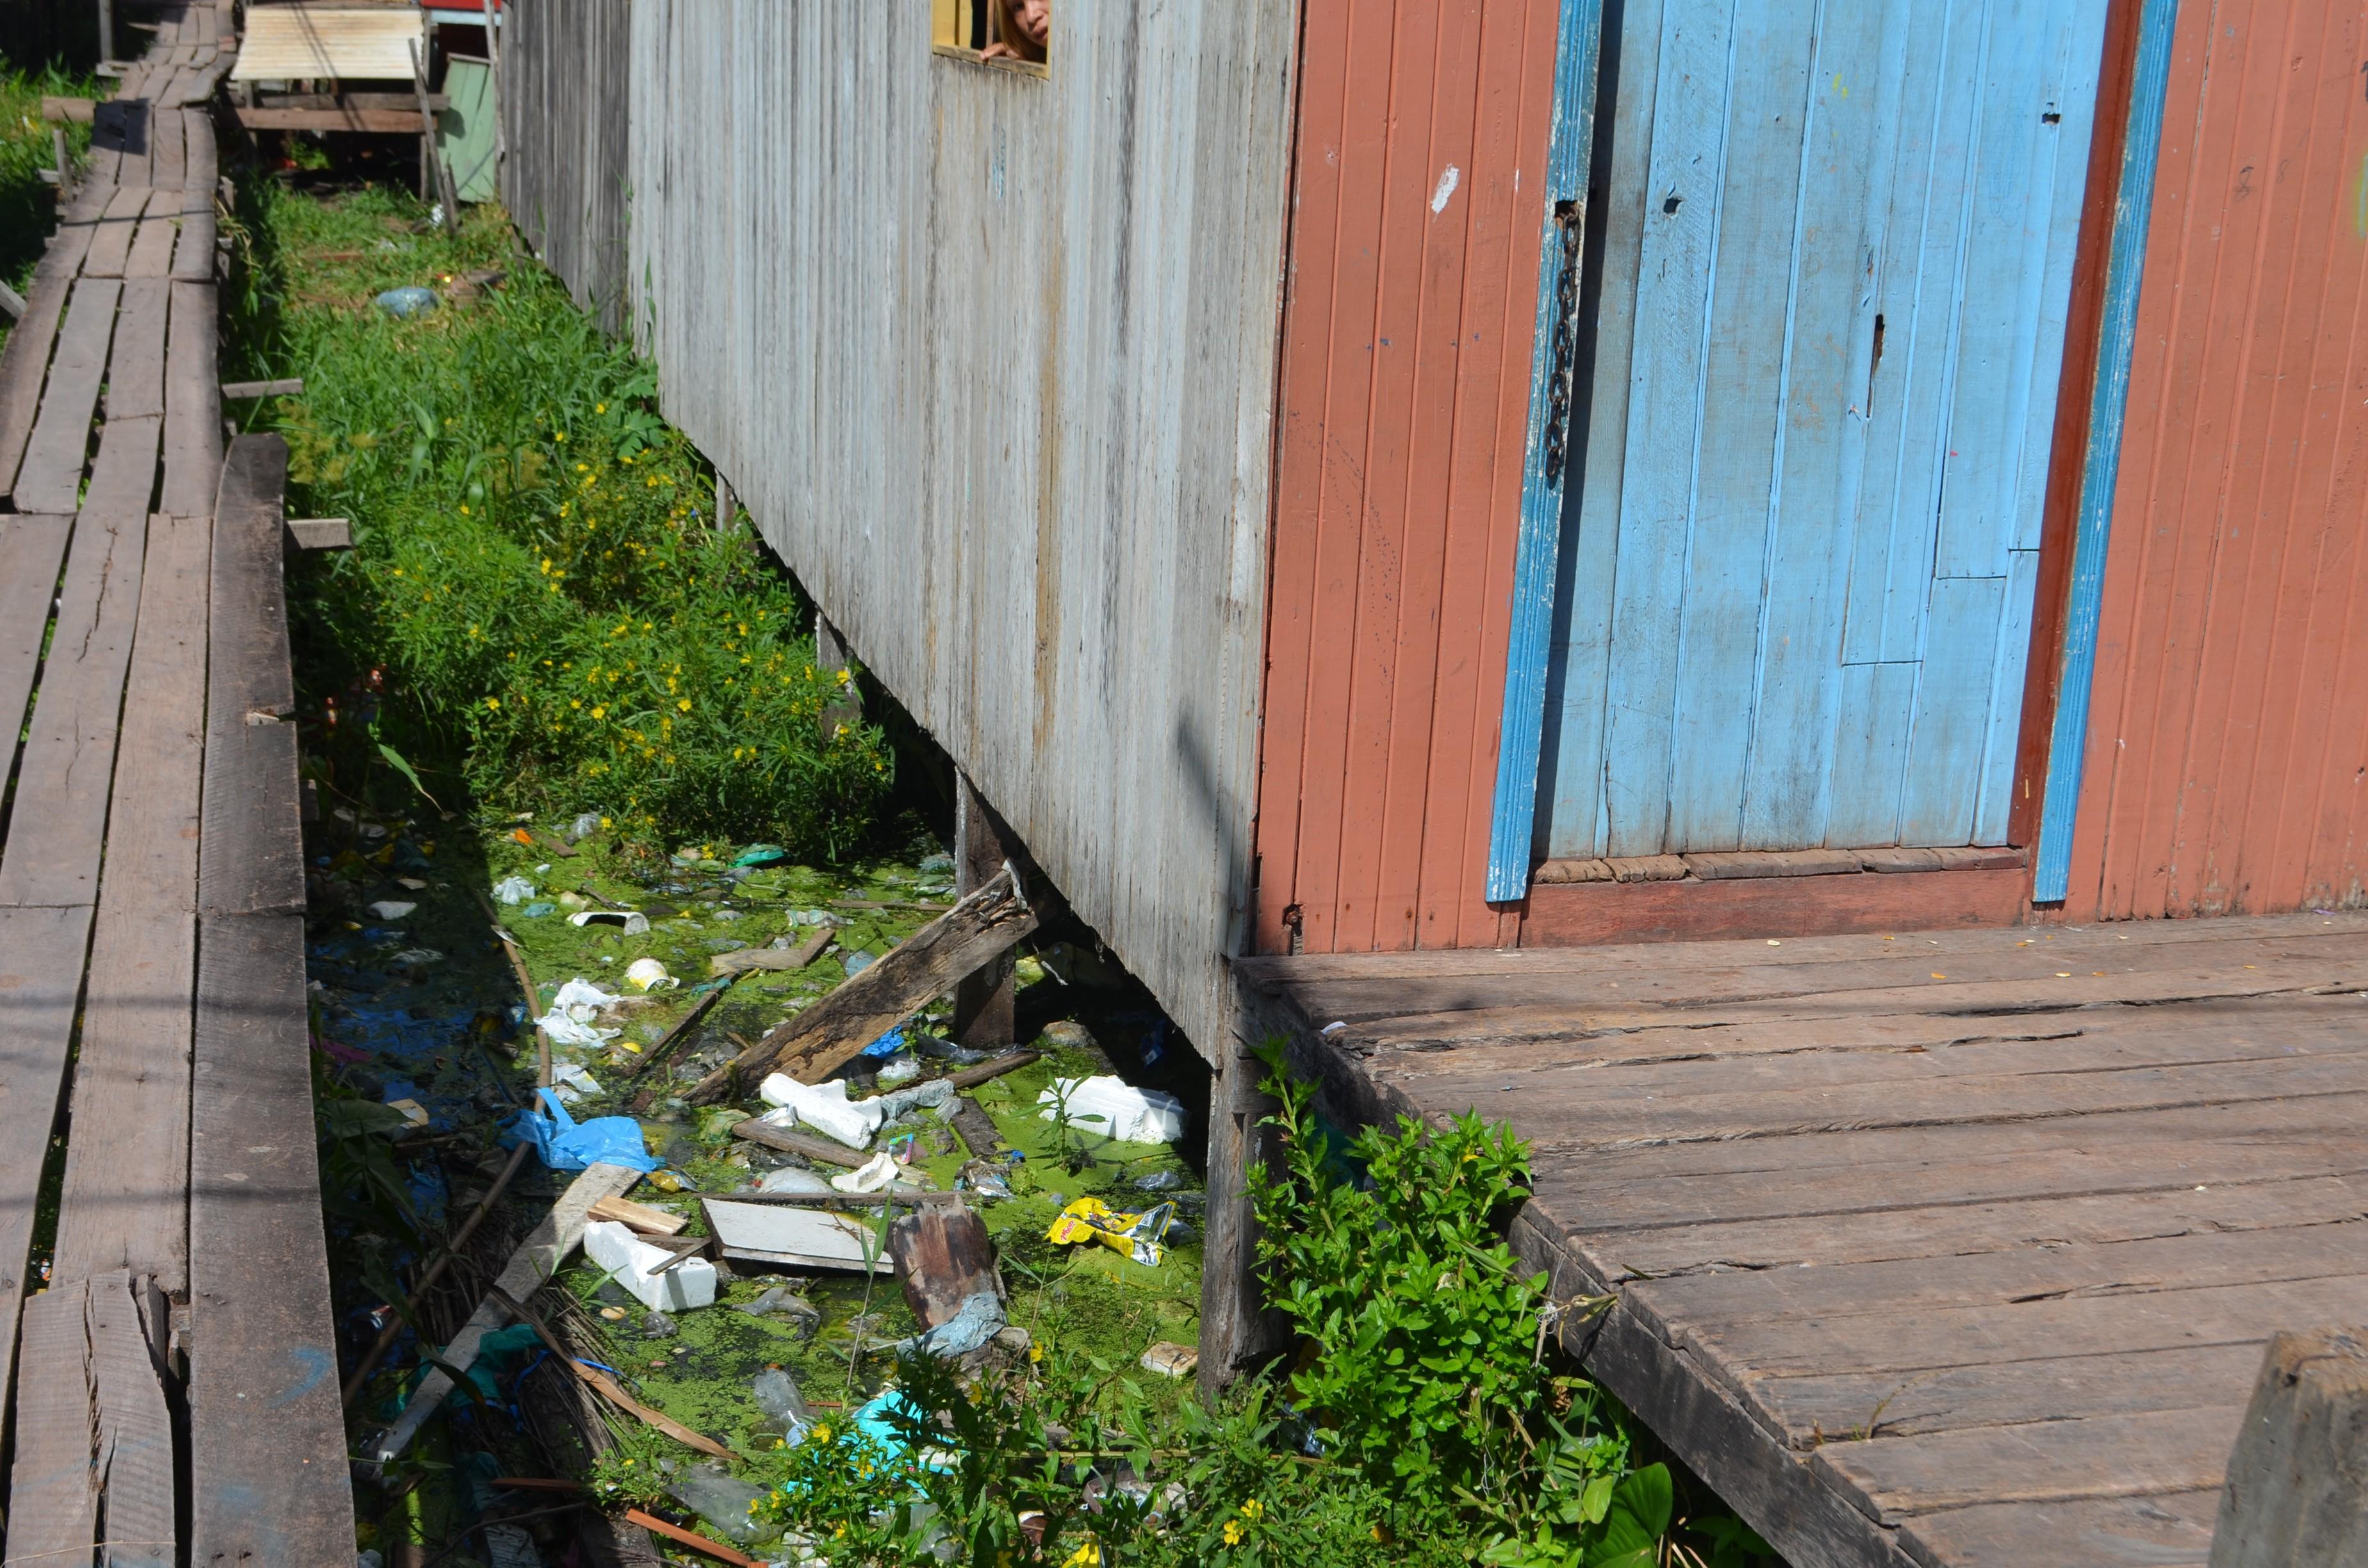 De cada 10 habitantes, 9 não têm rede de esgoto em Macapá, aponta pesquisa